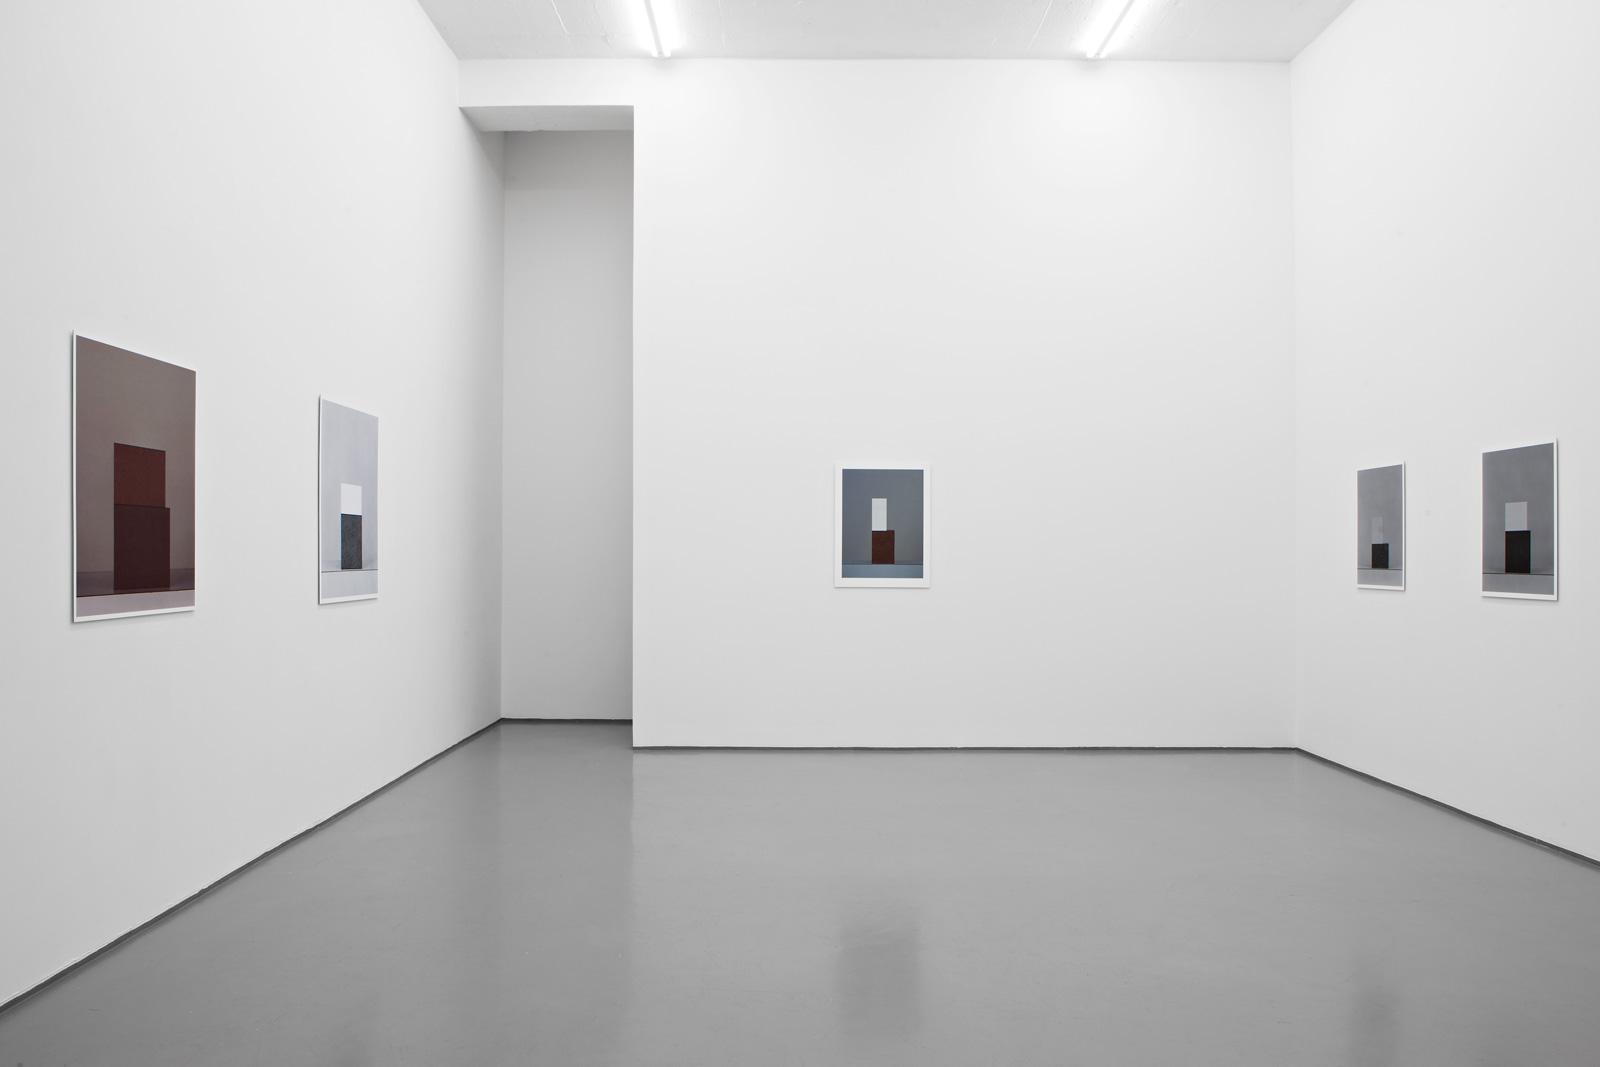 Installation view, Stein Rønning, Austiére, Galleri Riis, Oslo, 2012